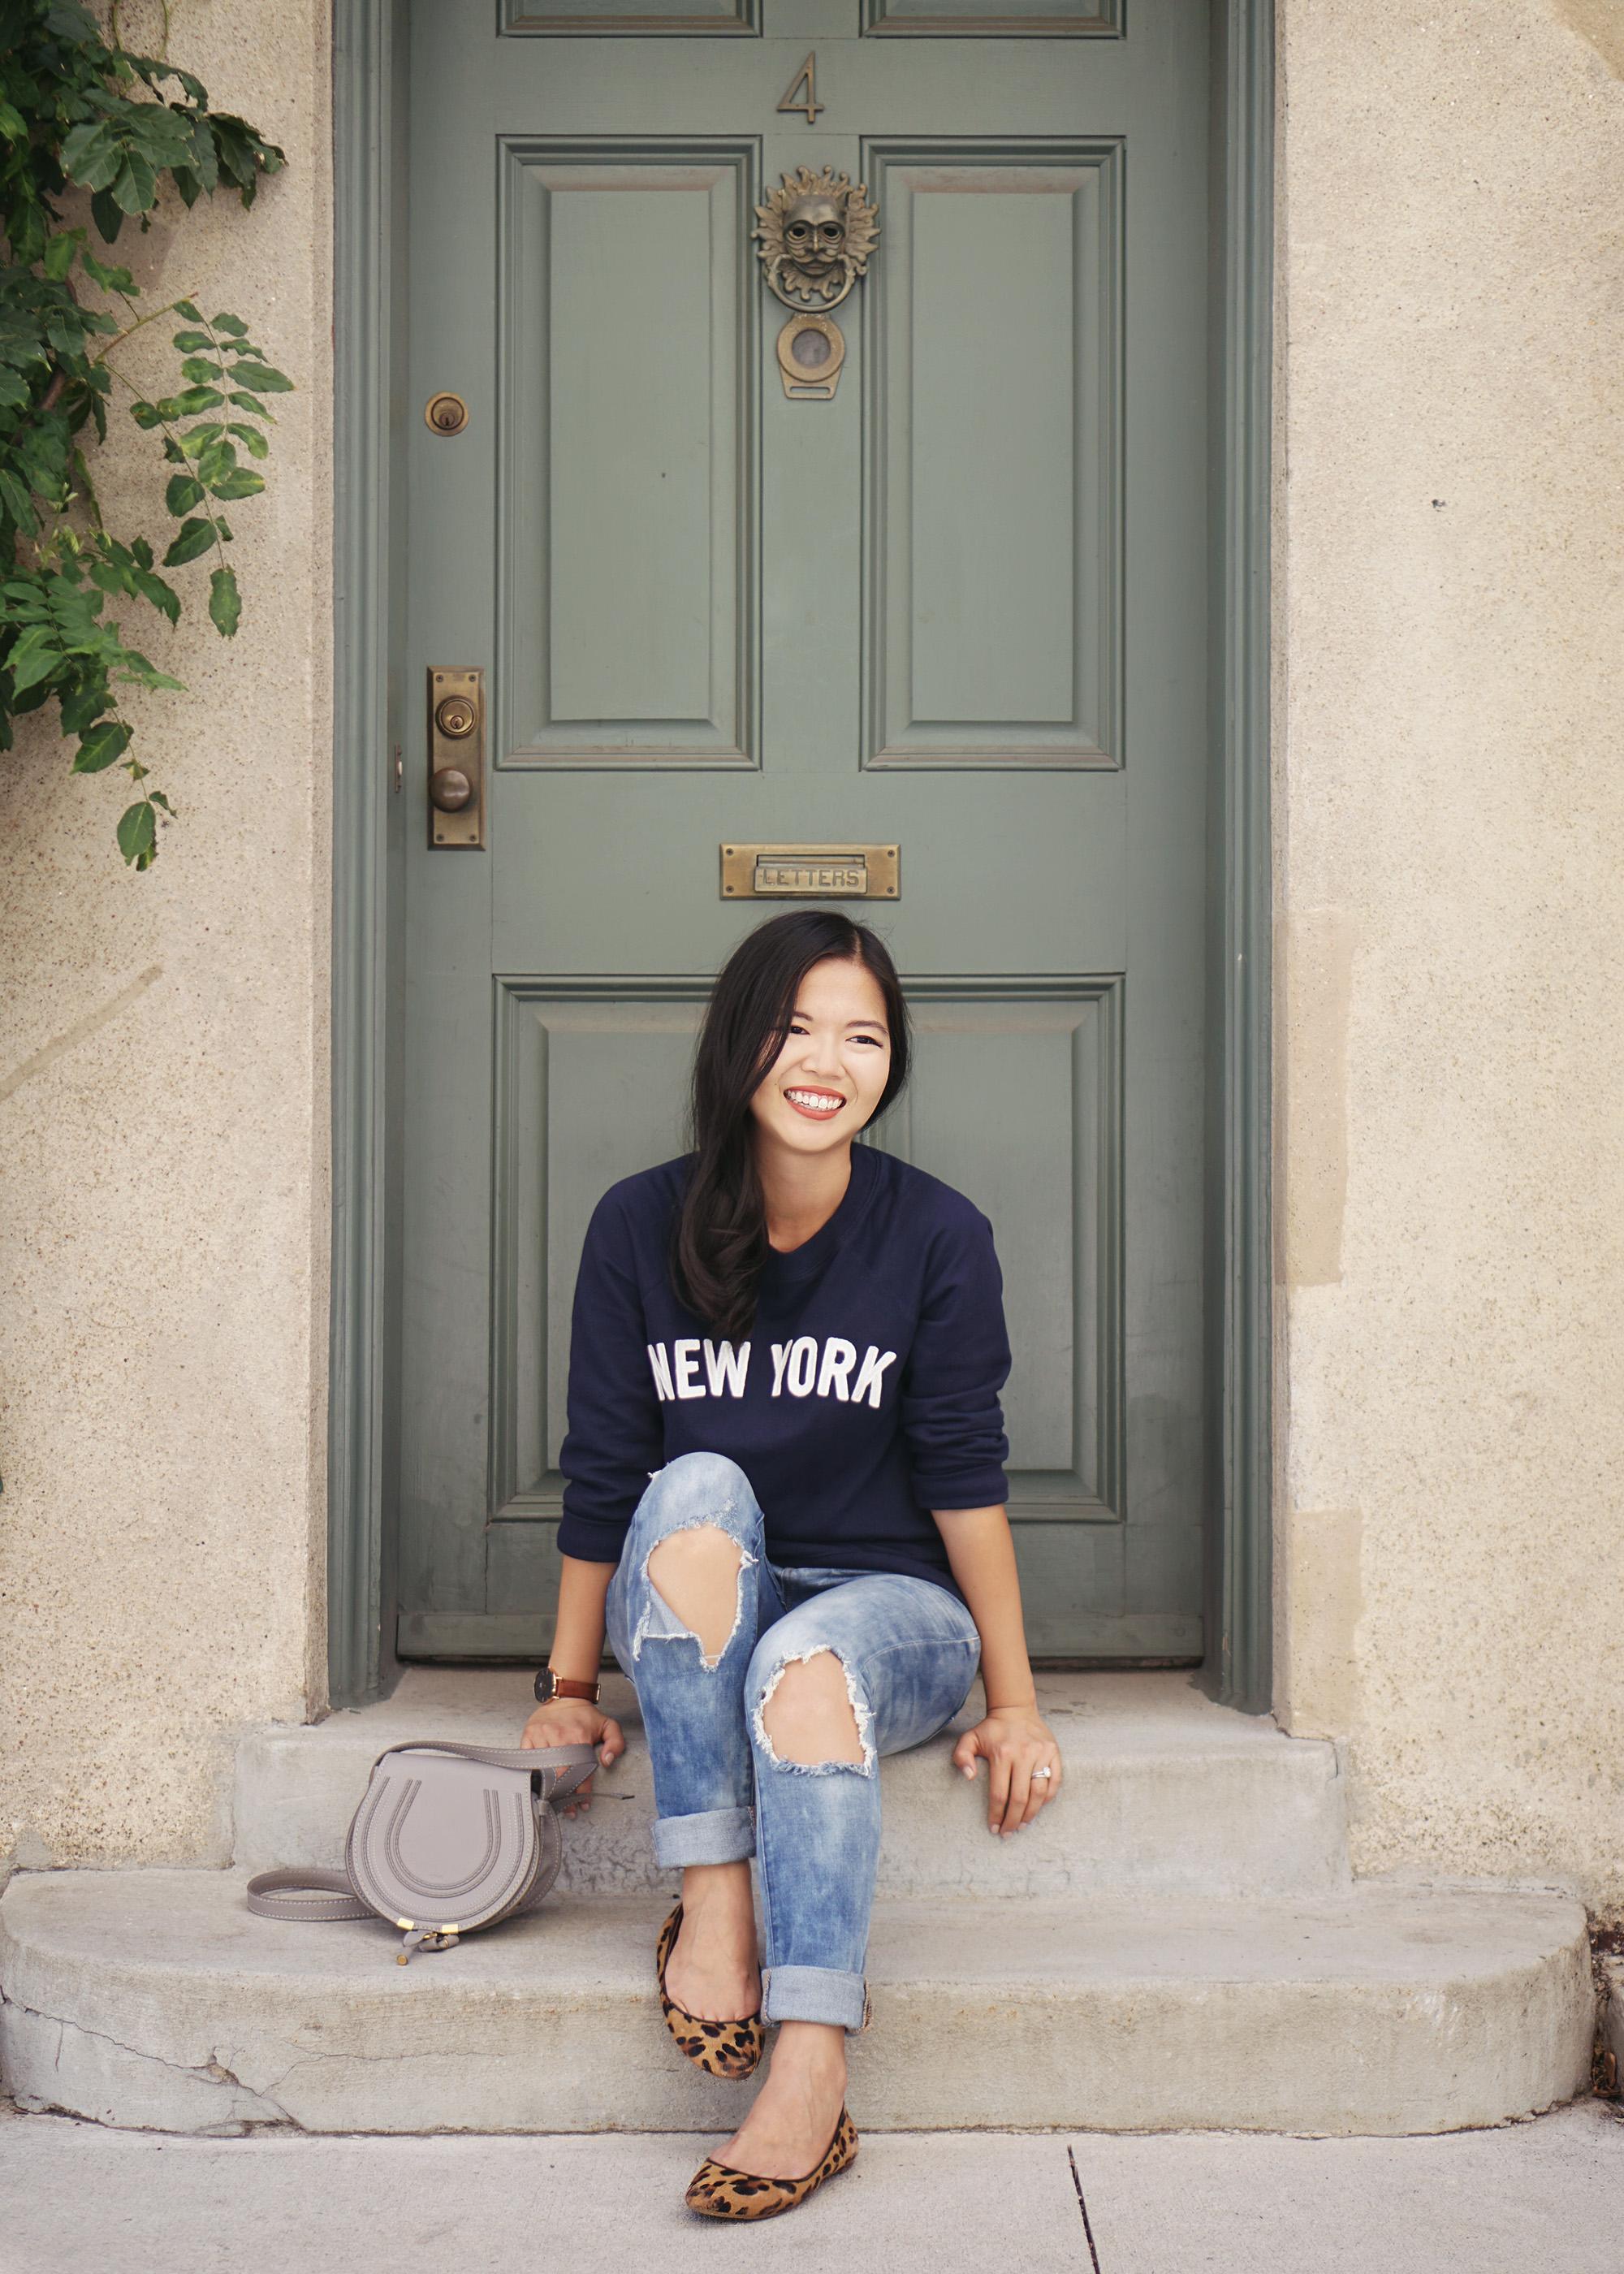 Navy New York Sweatshirt